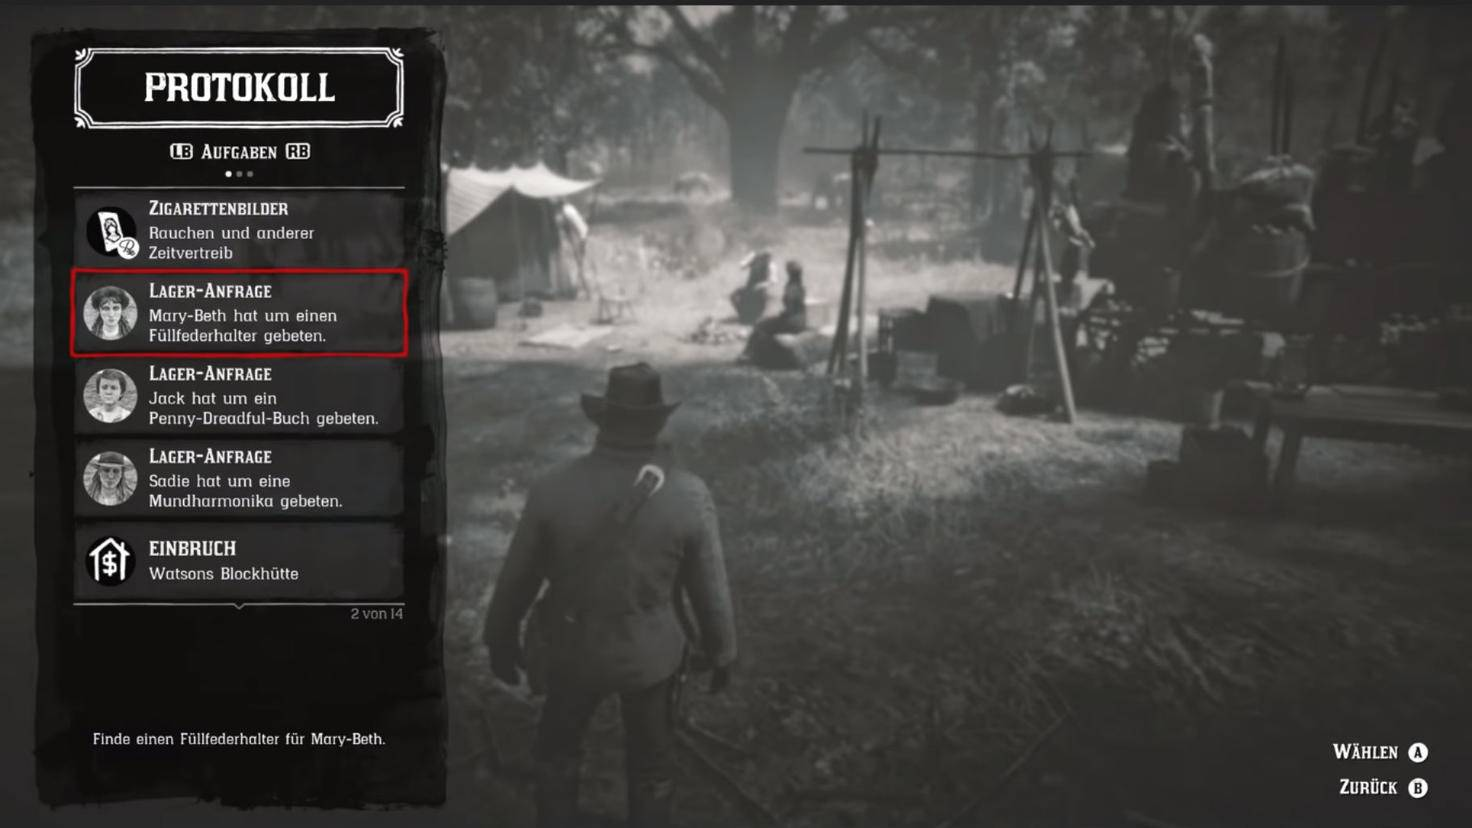 red-dead-redemption-2-aufgaben-protokoll-screenshot